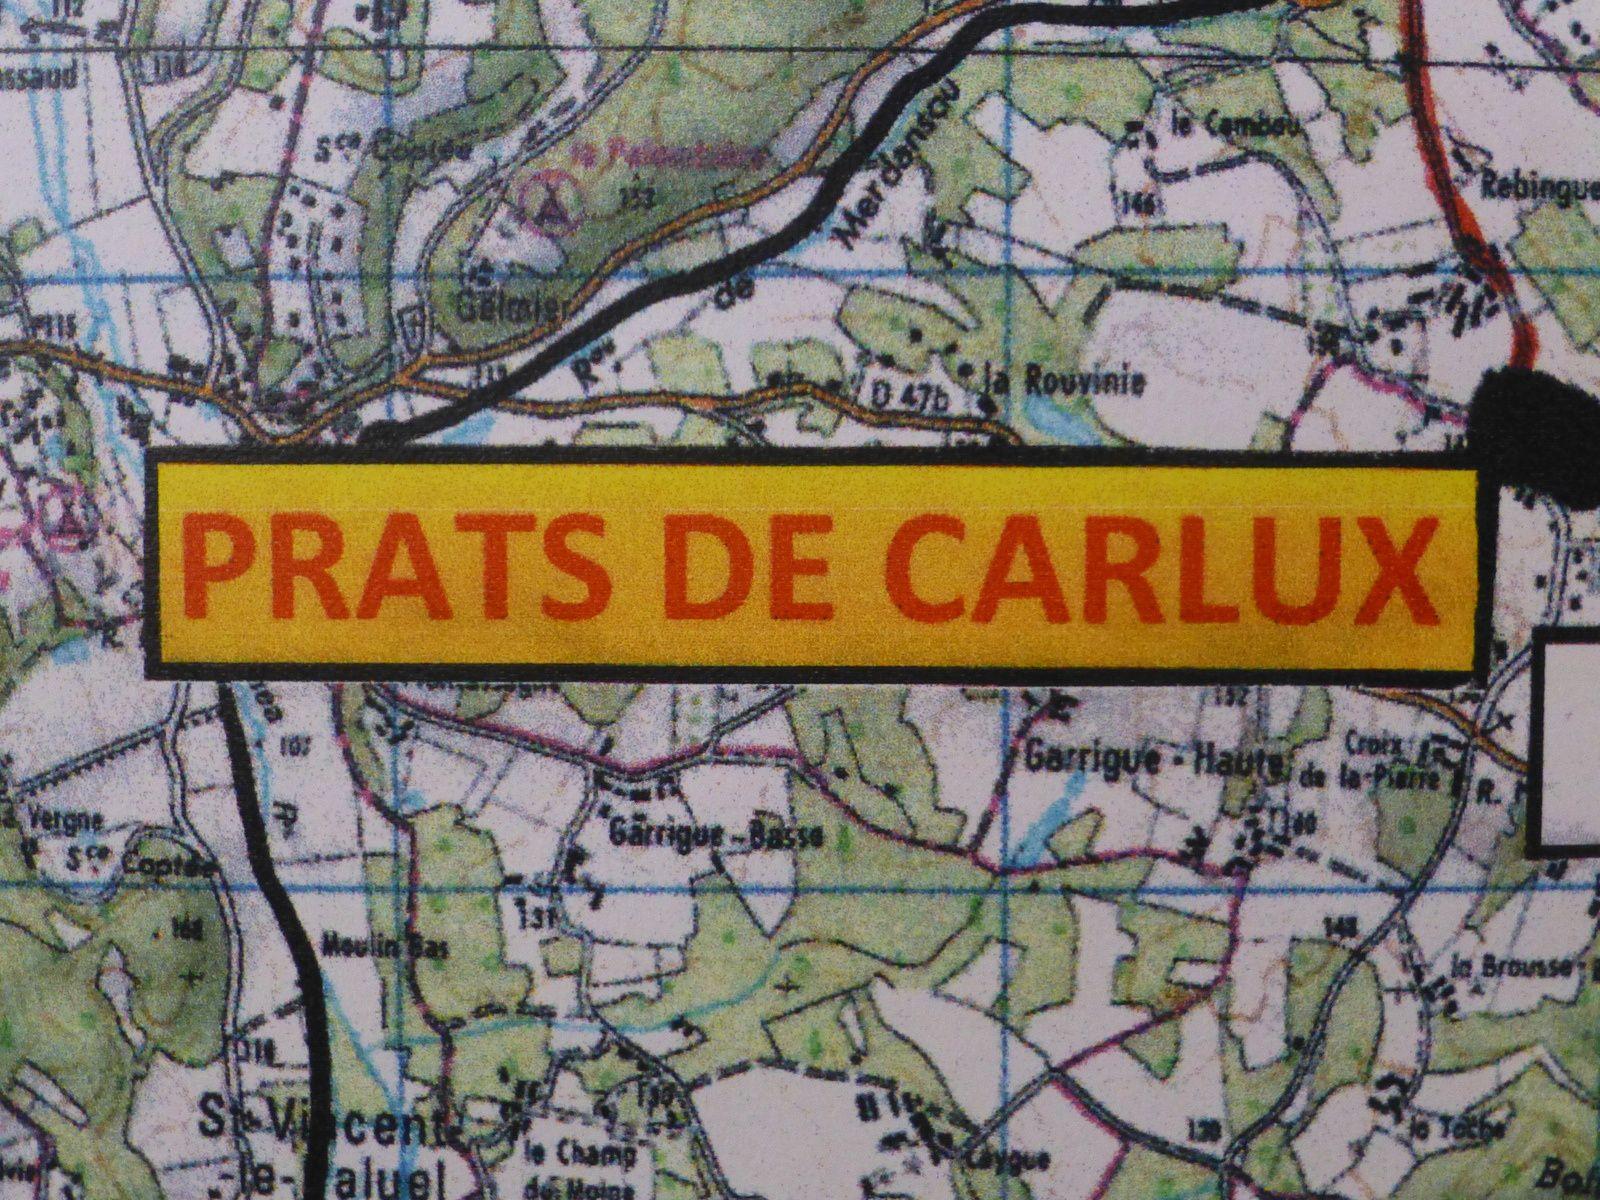 PRATS DE CARLUX, SIMEYROLS, CARLUX